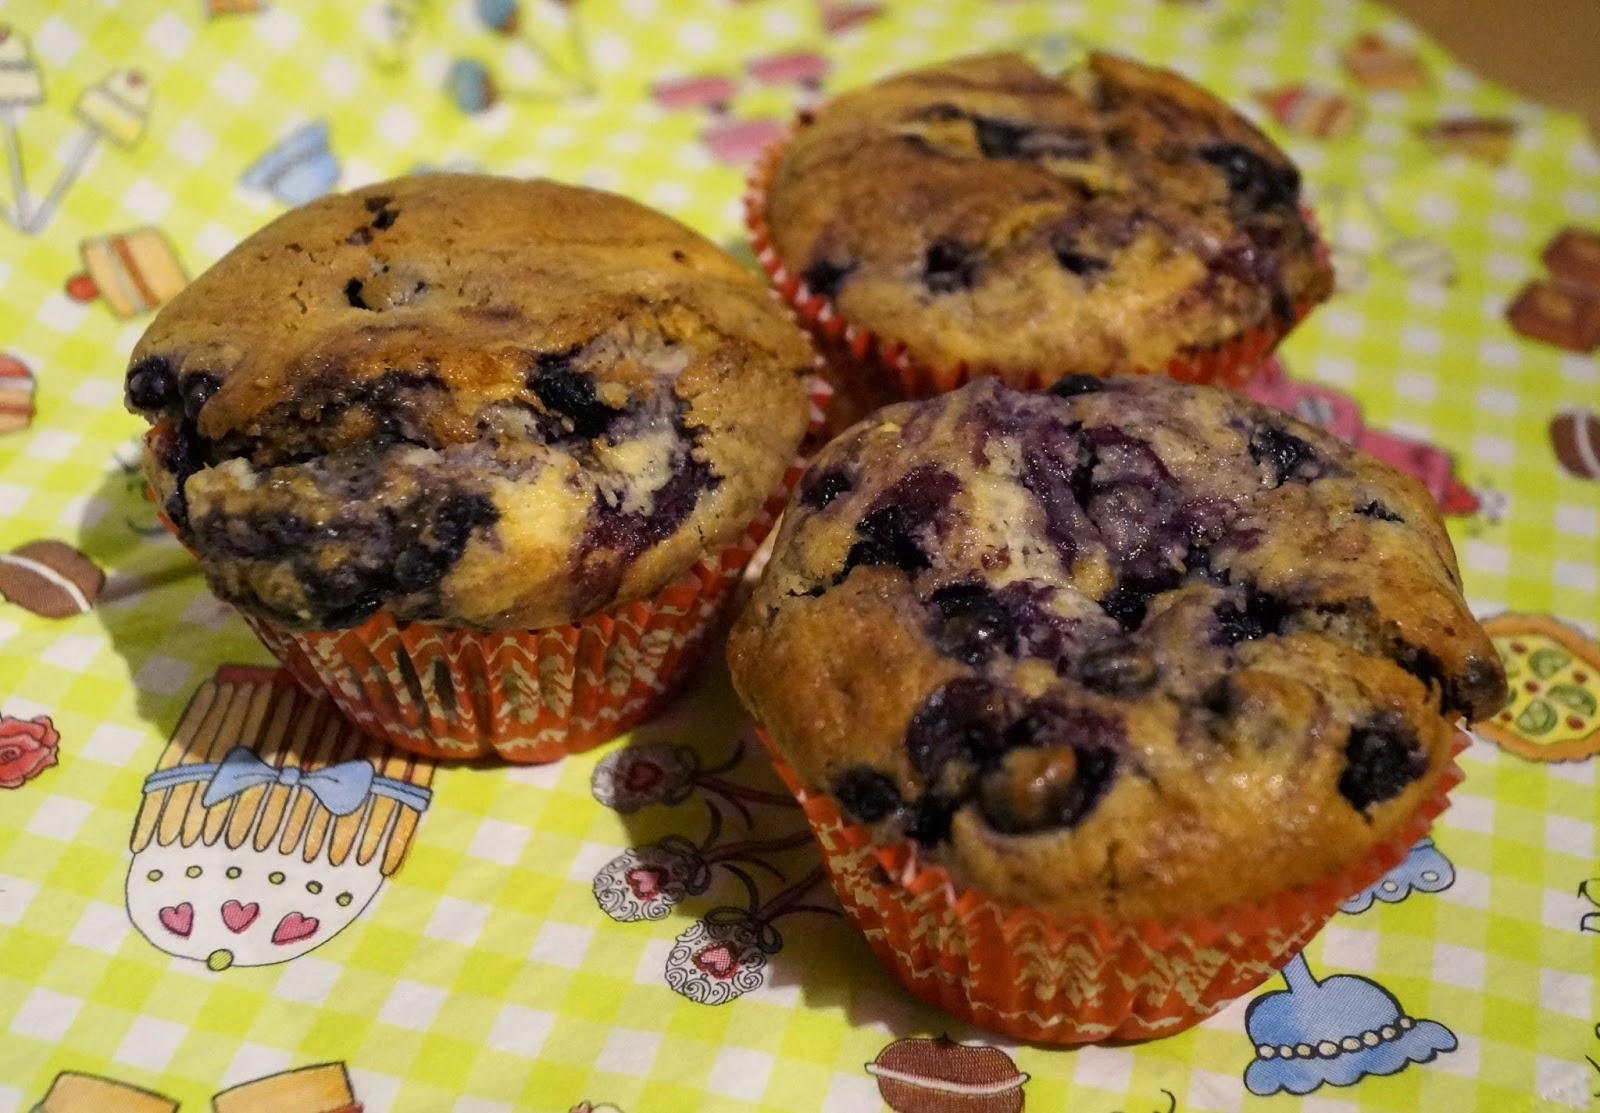 baiserh ubchen der unterschied zwischen muffins und cupcakes. Black Bedroom Furniture Sets. Home Design Ideas